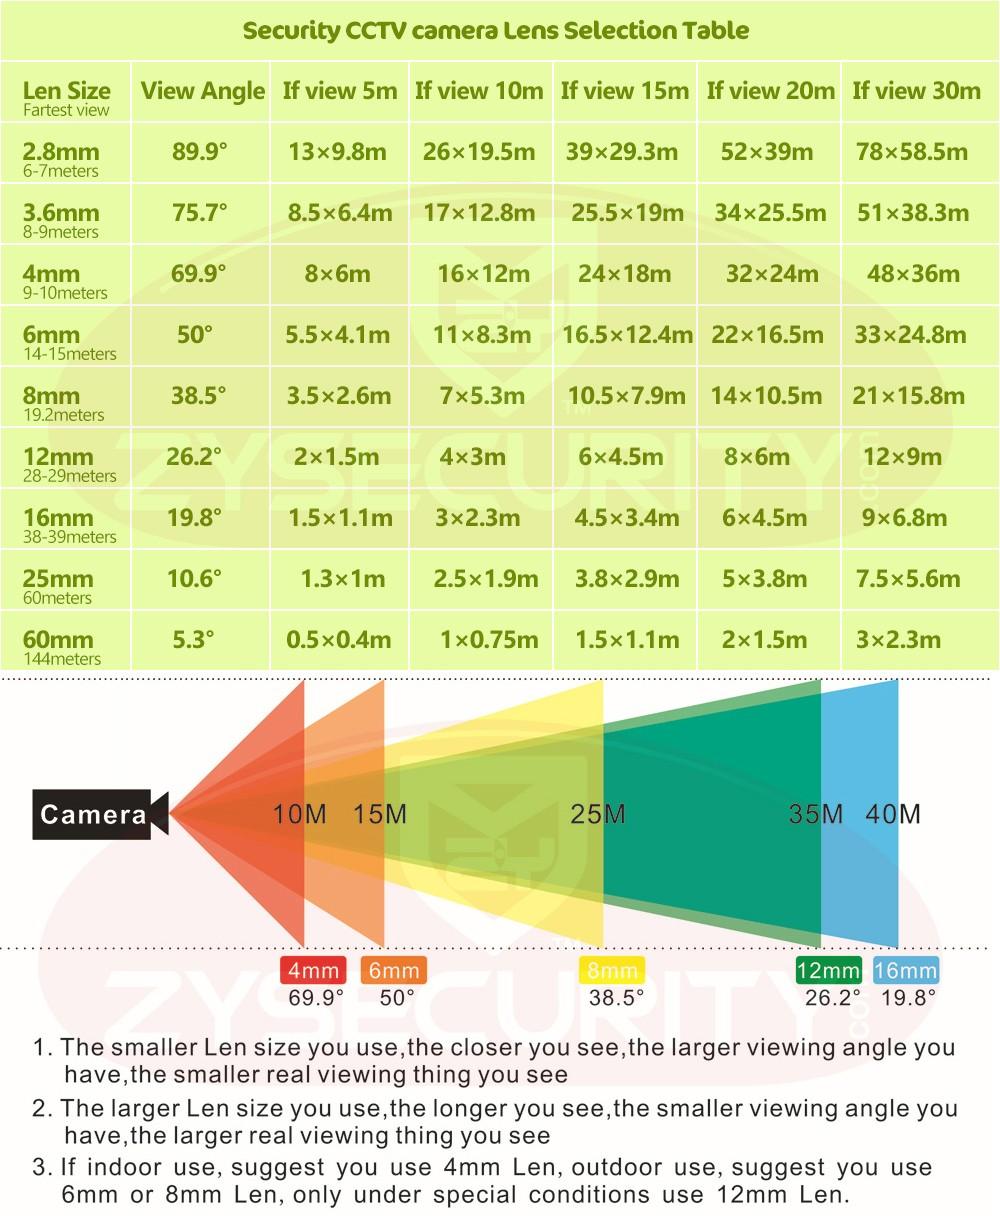 Starlight H.264 1080P IP camera, CS 4mm/6mm lens CCD sensor IP camera, all colors night vison outdoor IP starlight camera